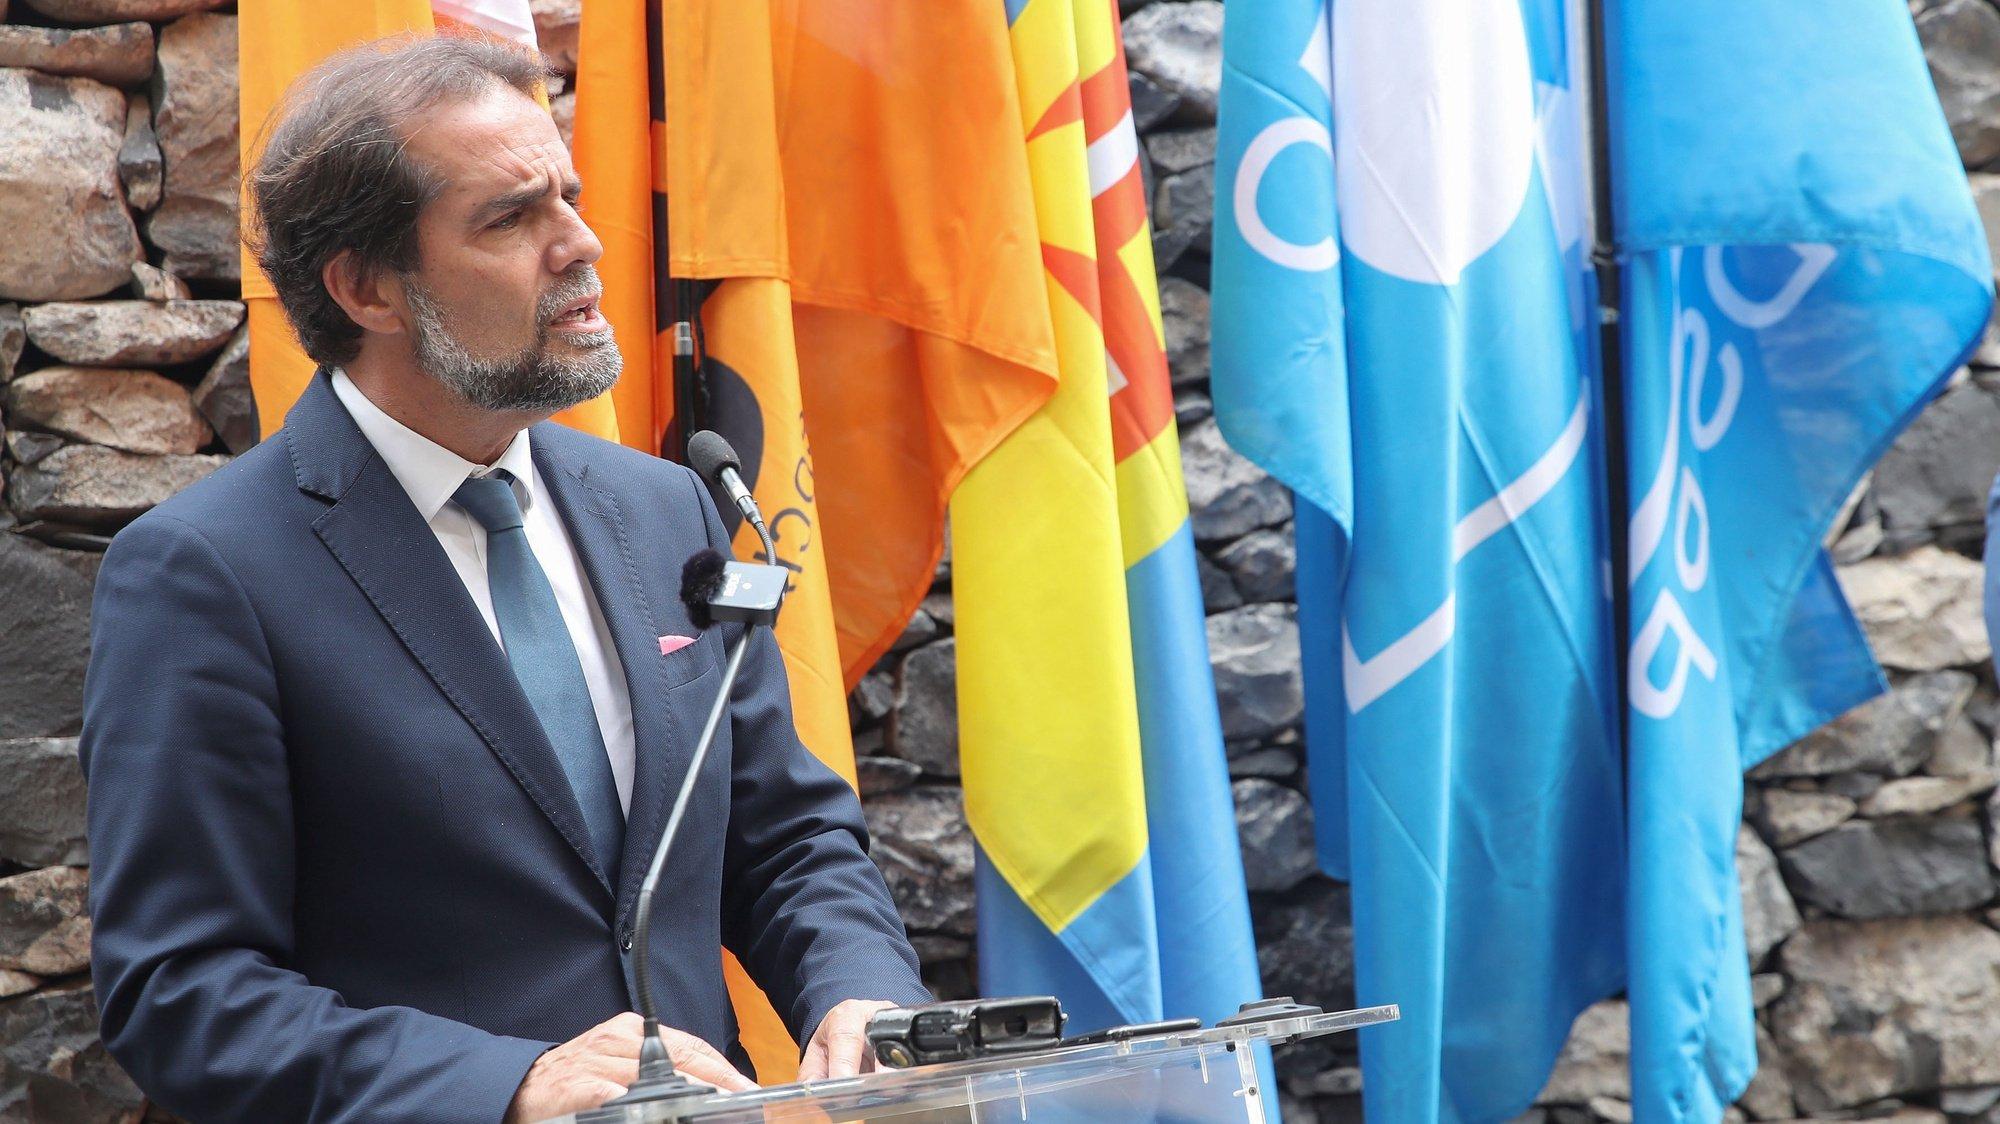 O PSD/Madeira representado pelo presidente, Miguel Albuquerque e o CDS/PP-Madeira representado pelo presidente da Comissão Política, Rui Barreto (ausente da fotografia) assinaram esta tarde um acordo político de coligação autárquica, no Funchal, 14 de abril de 2021, HOMEM DE GOUVEIA/LUSA